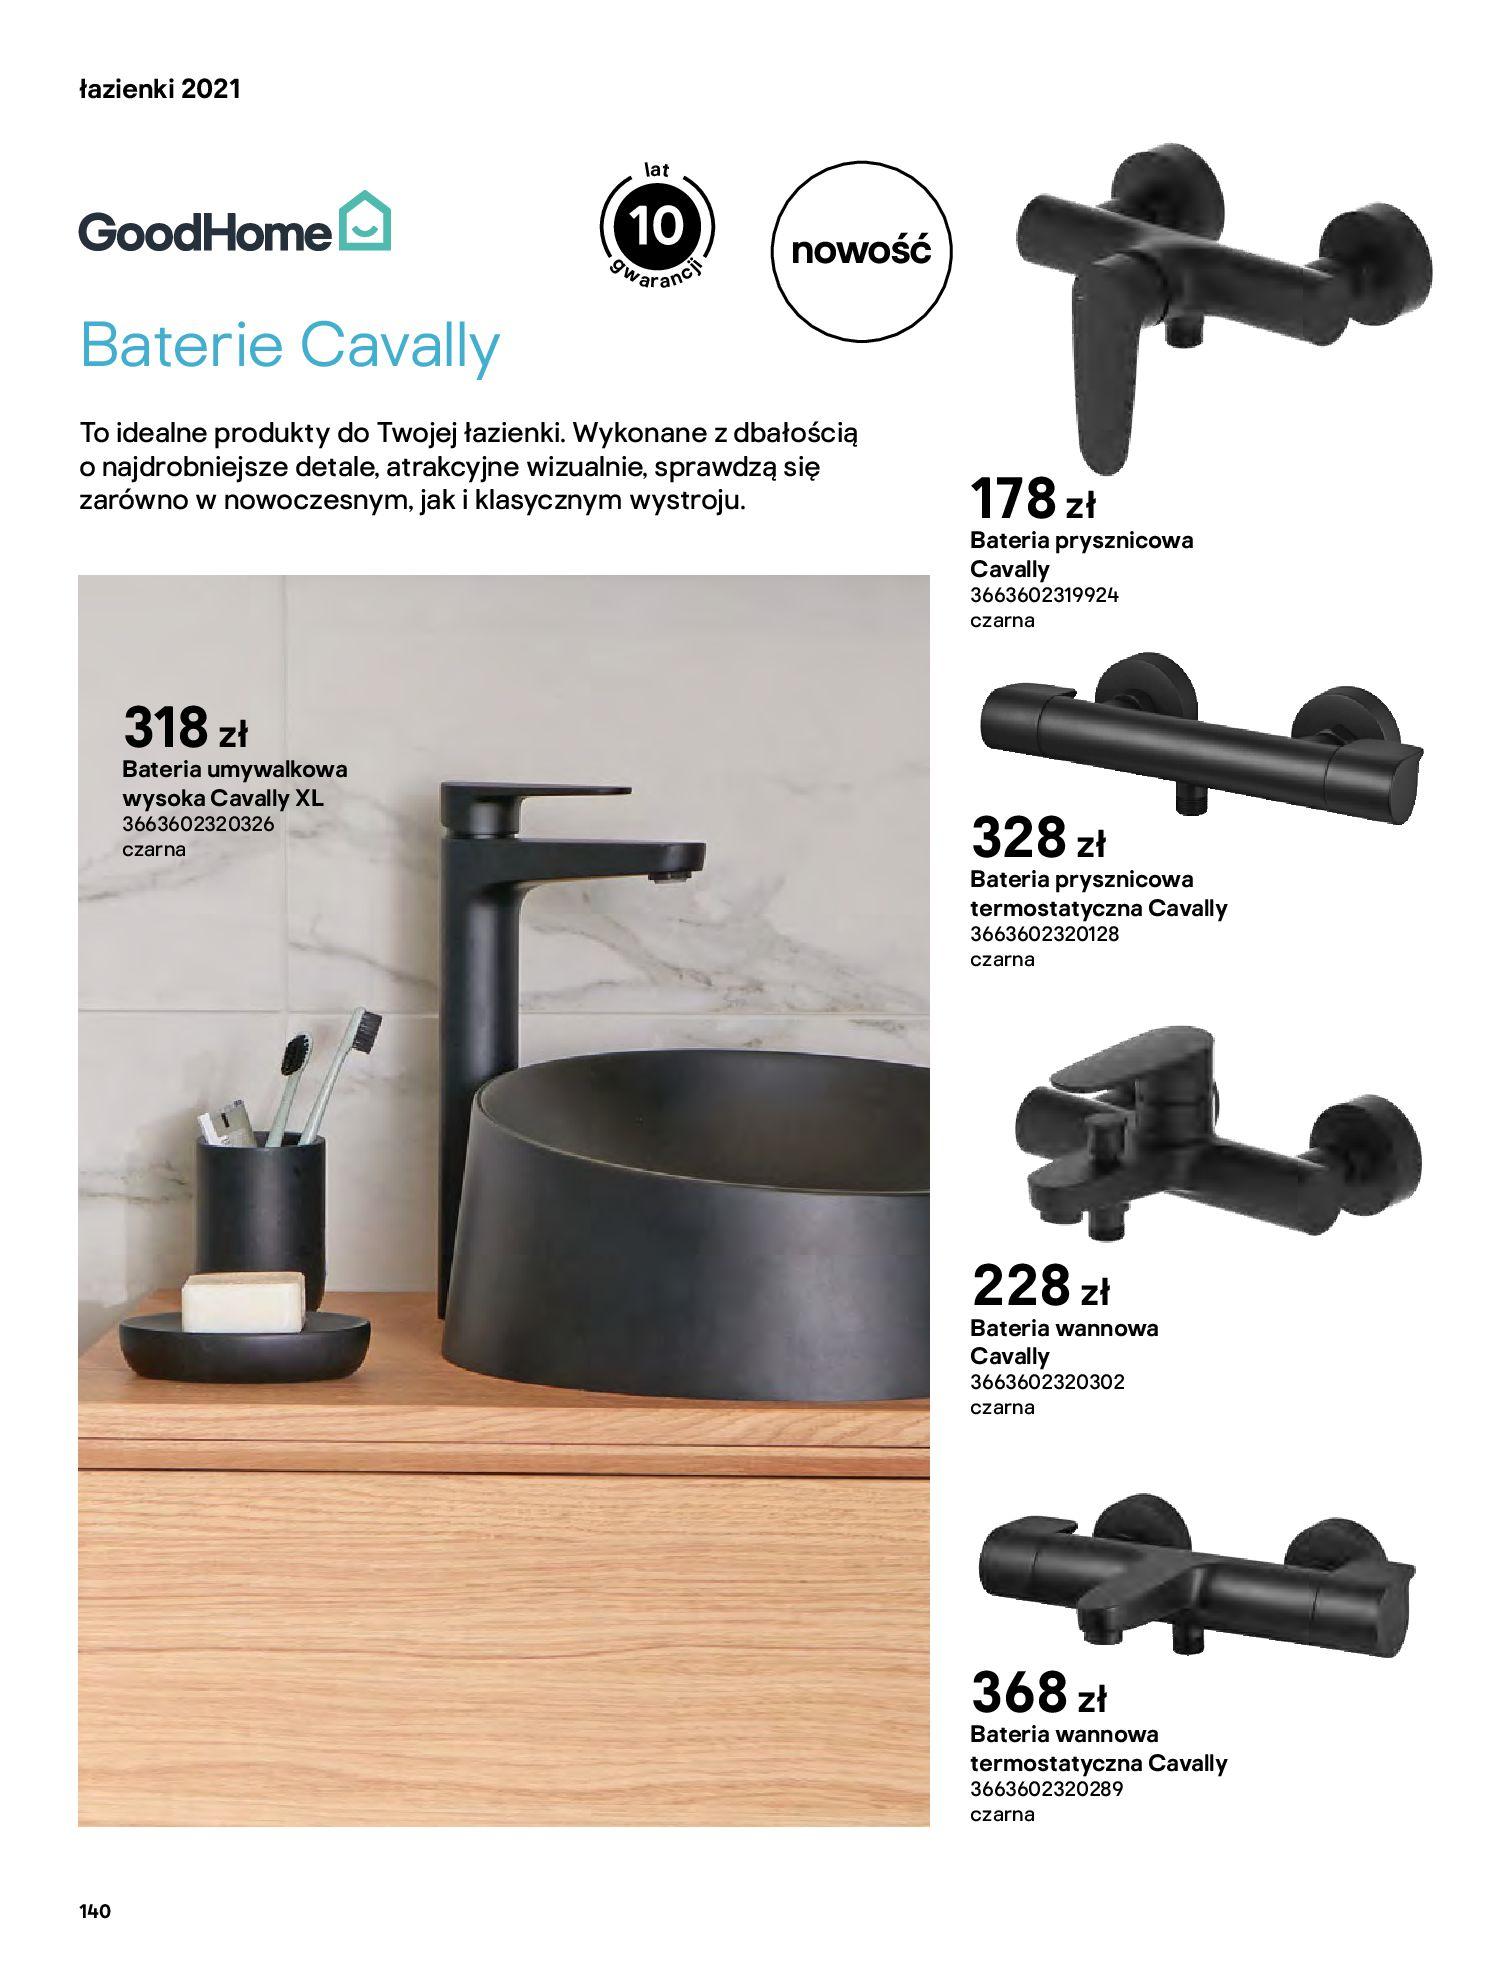 Gazetka Castorama: Gazetka Castorama - katalog łazienki 2021 2021-06-16 page-140